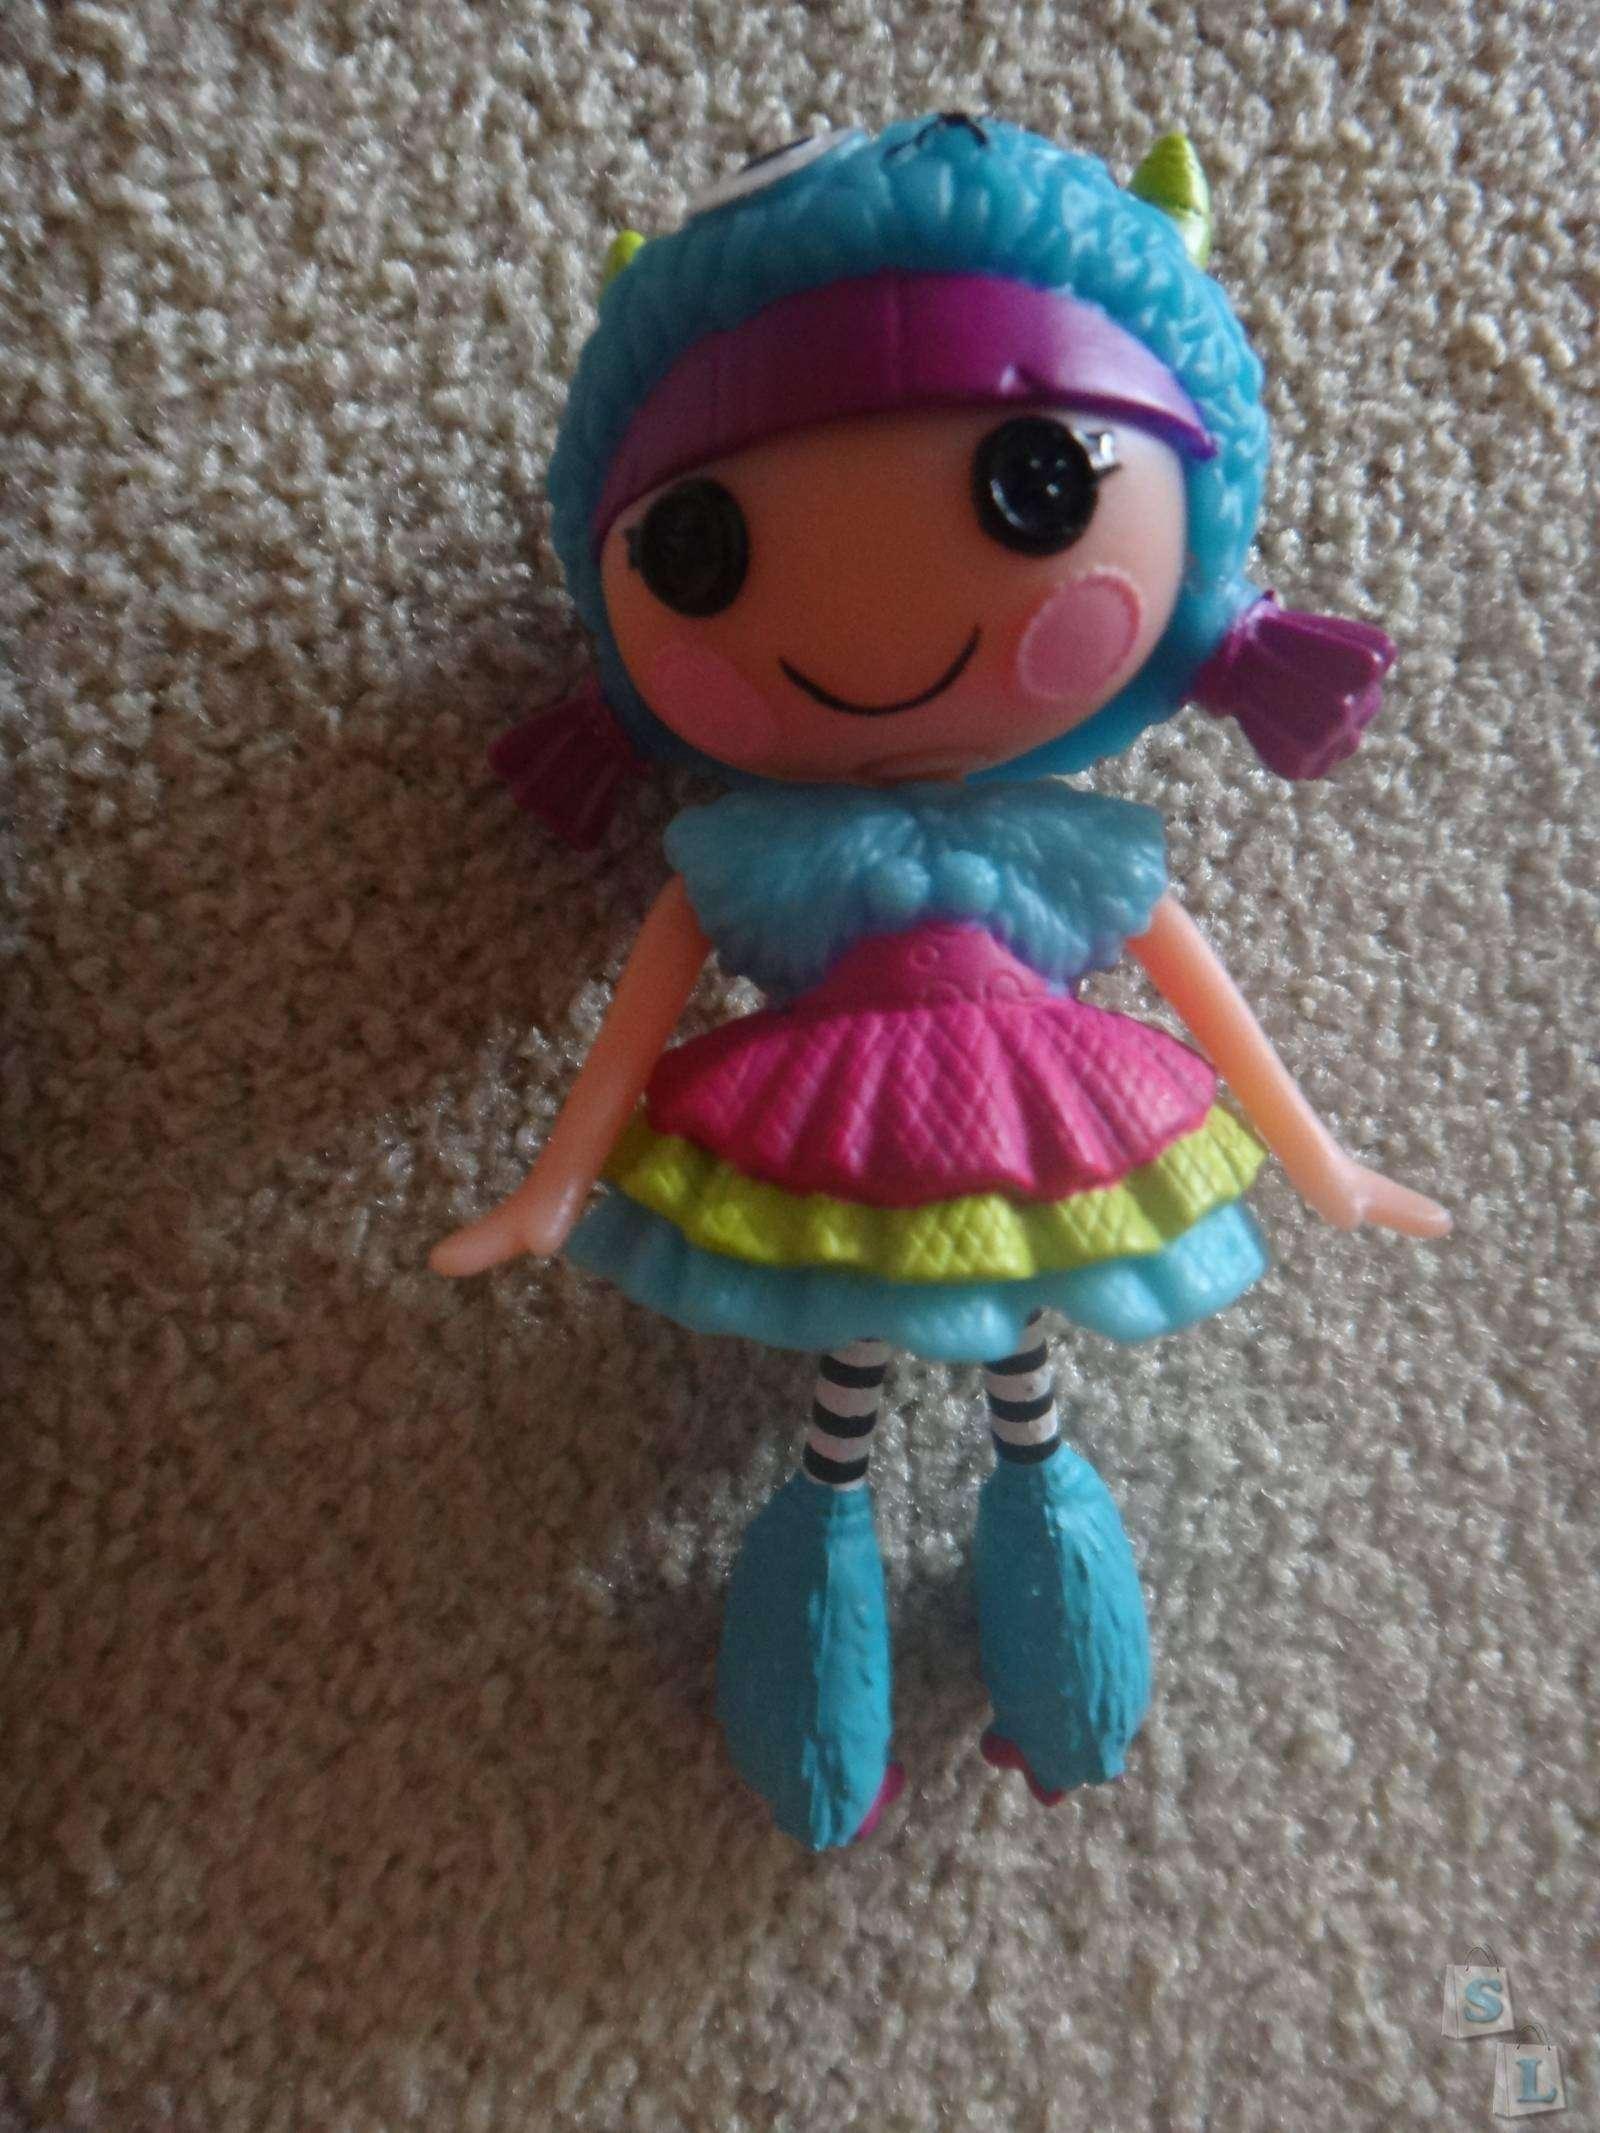 Amazon: Обзор малюсенькой куколки Лалалупси по имени Лапочка